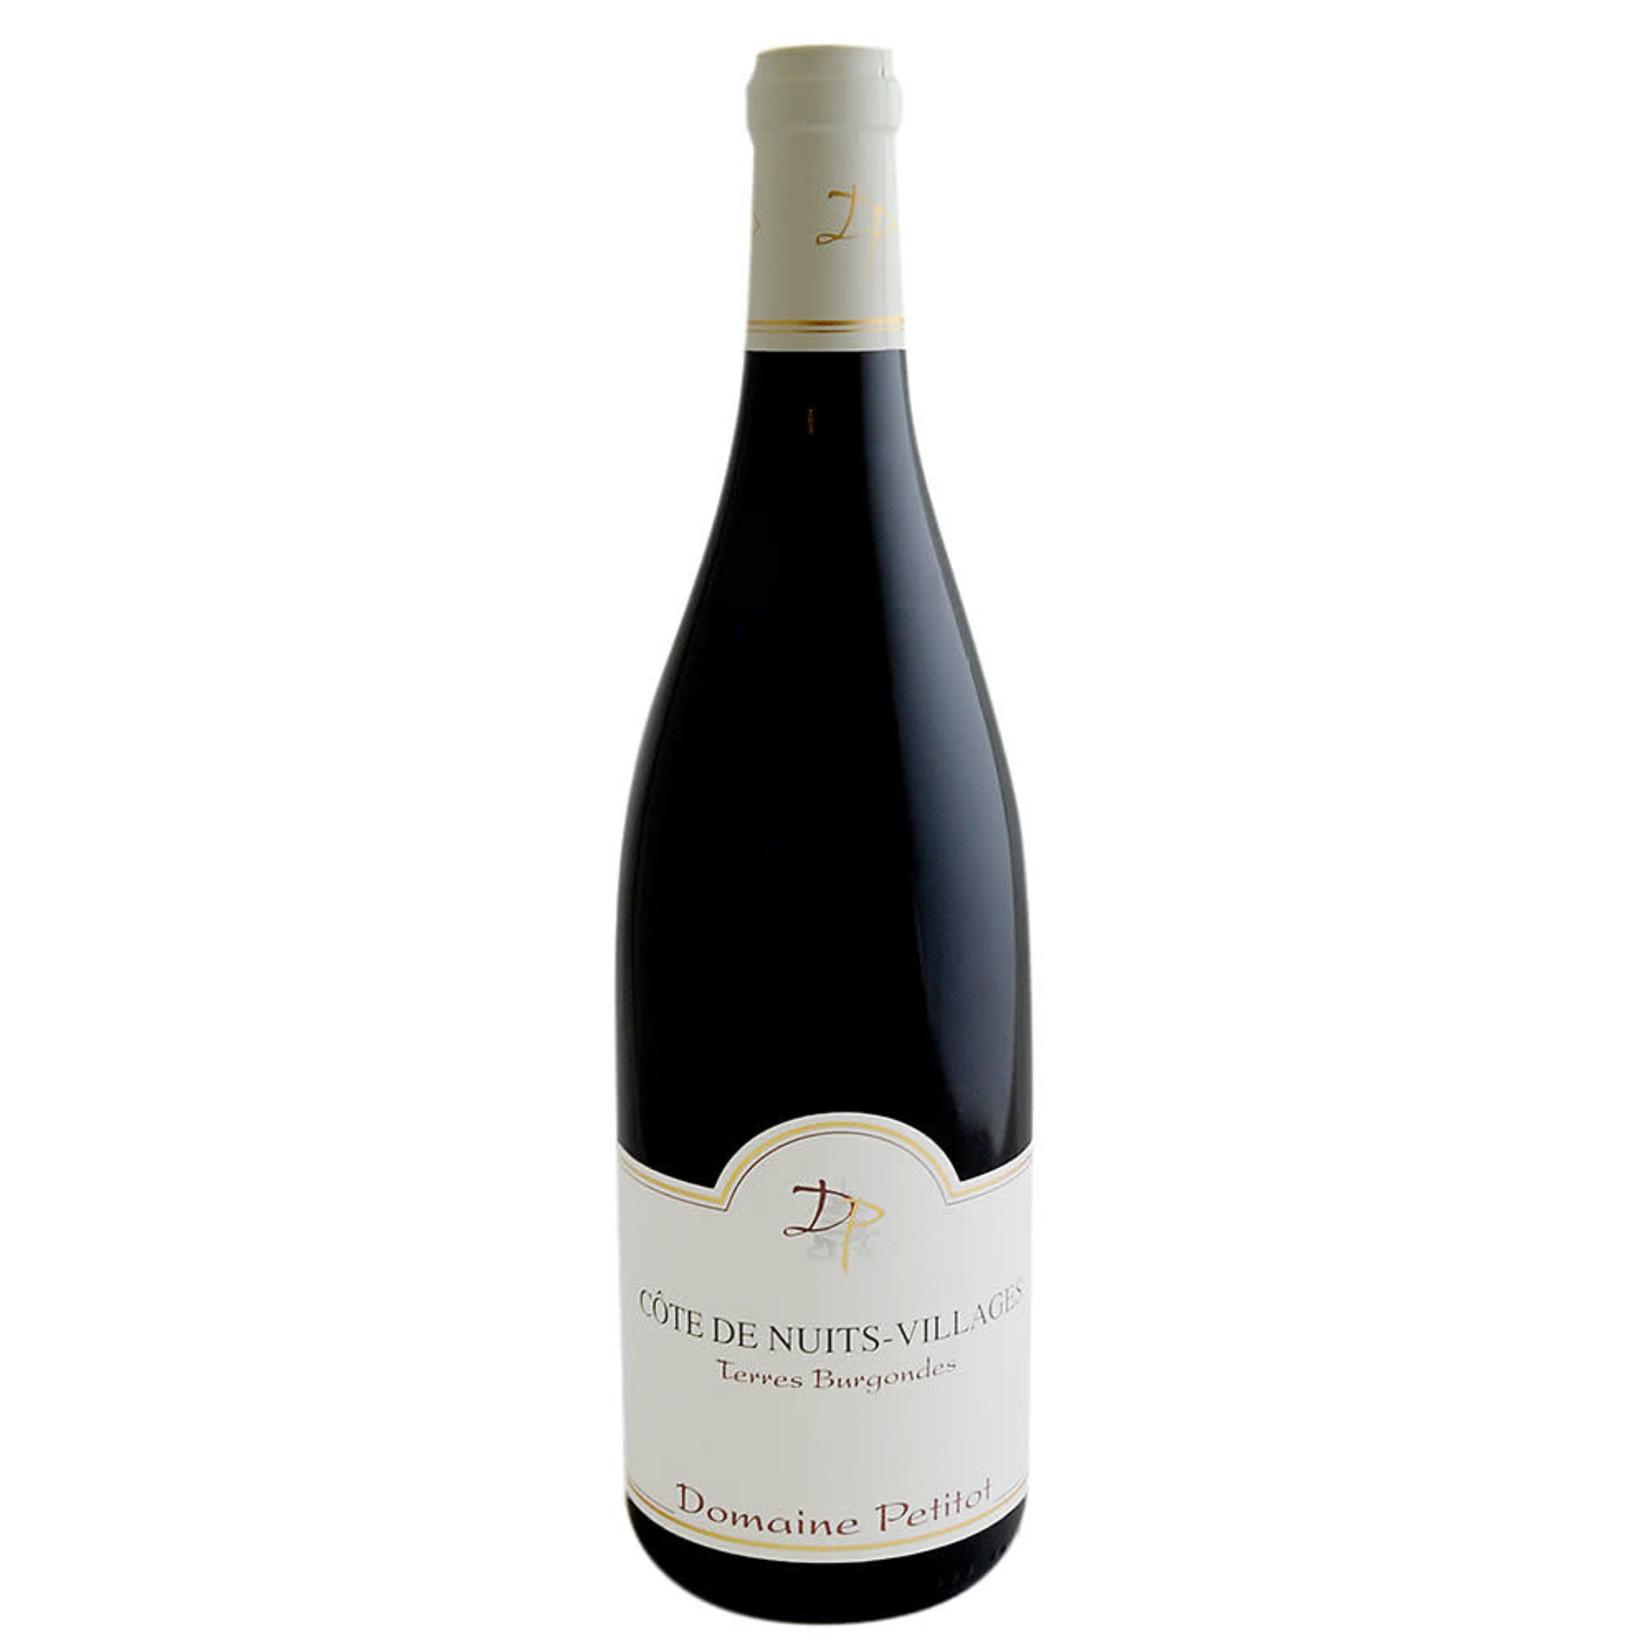 Wine Domaine Petitot Cotes de Nuits-Villages Terres Burgondes 2017